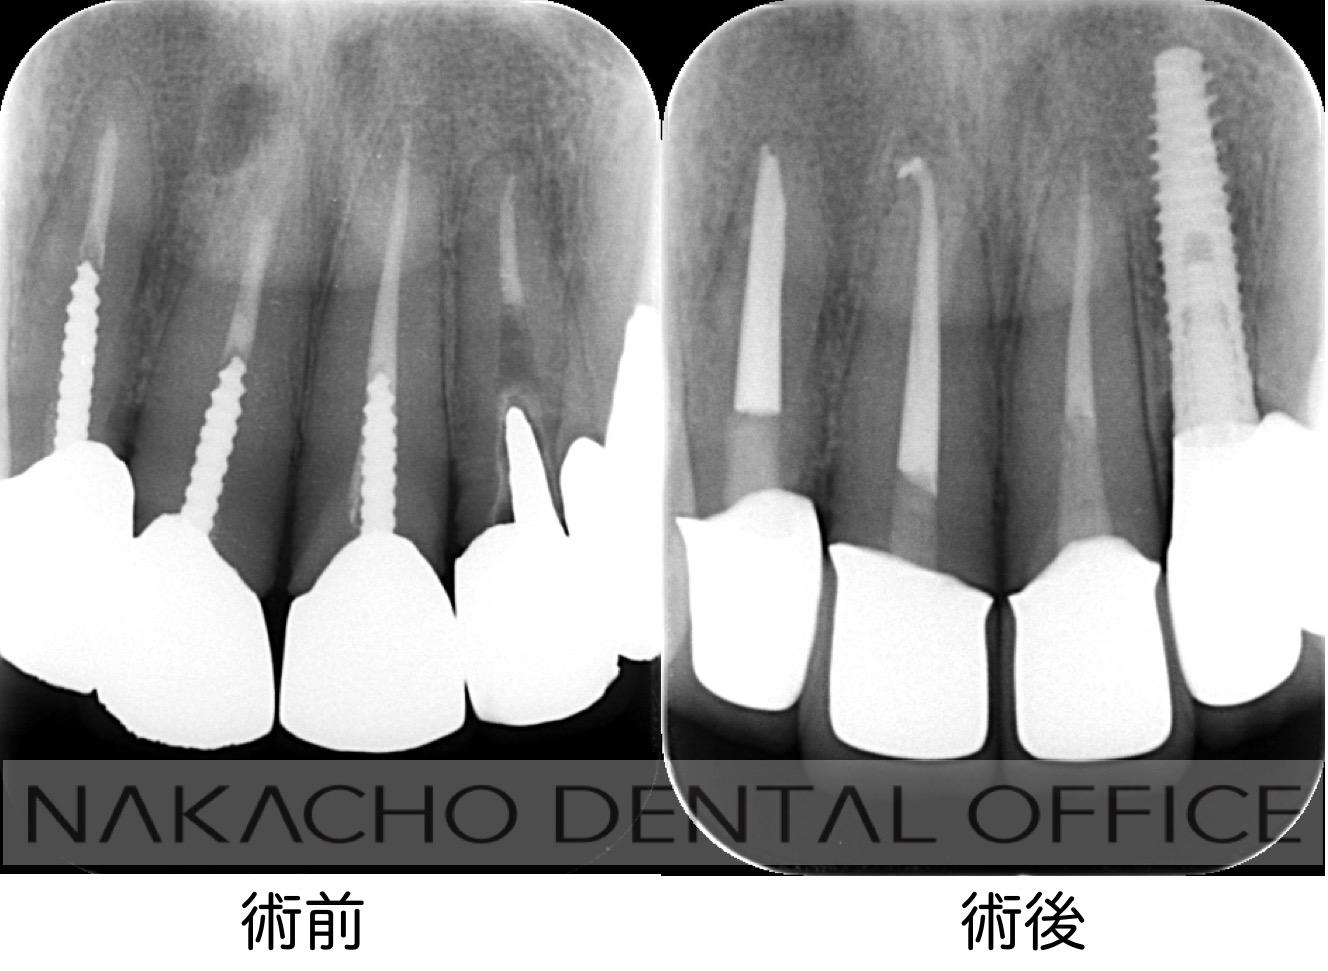 審美歯科 術前術後 レントゲン